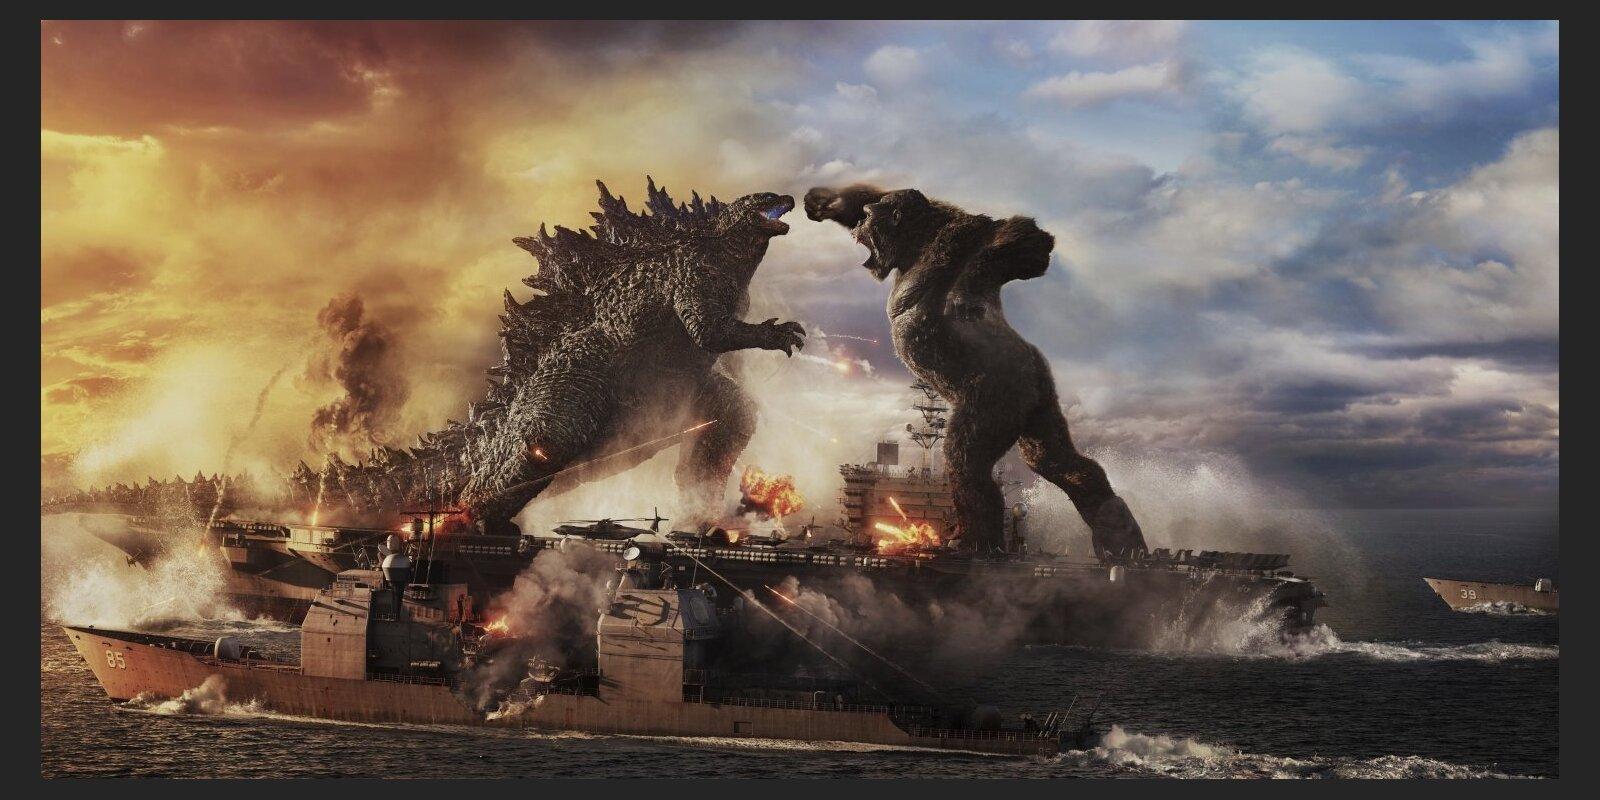 'Godzilla vs. Kong' testē pasaules ūdeņus: filmas rezultāti labākie pandēmijas laikā